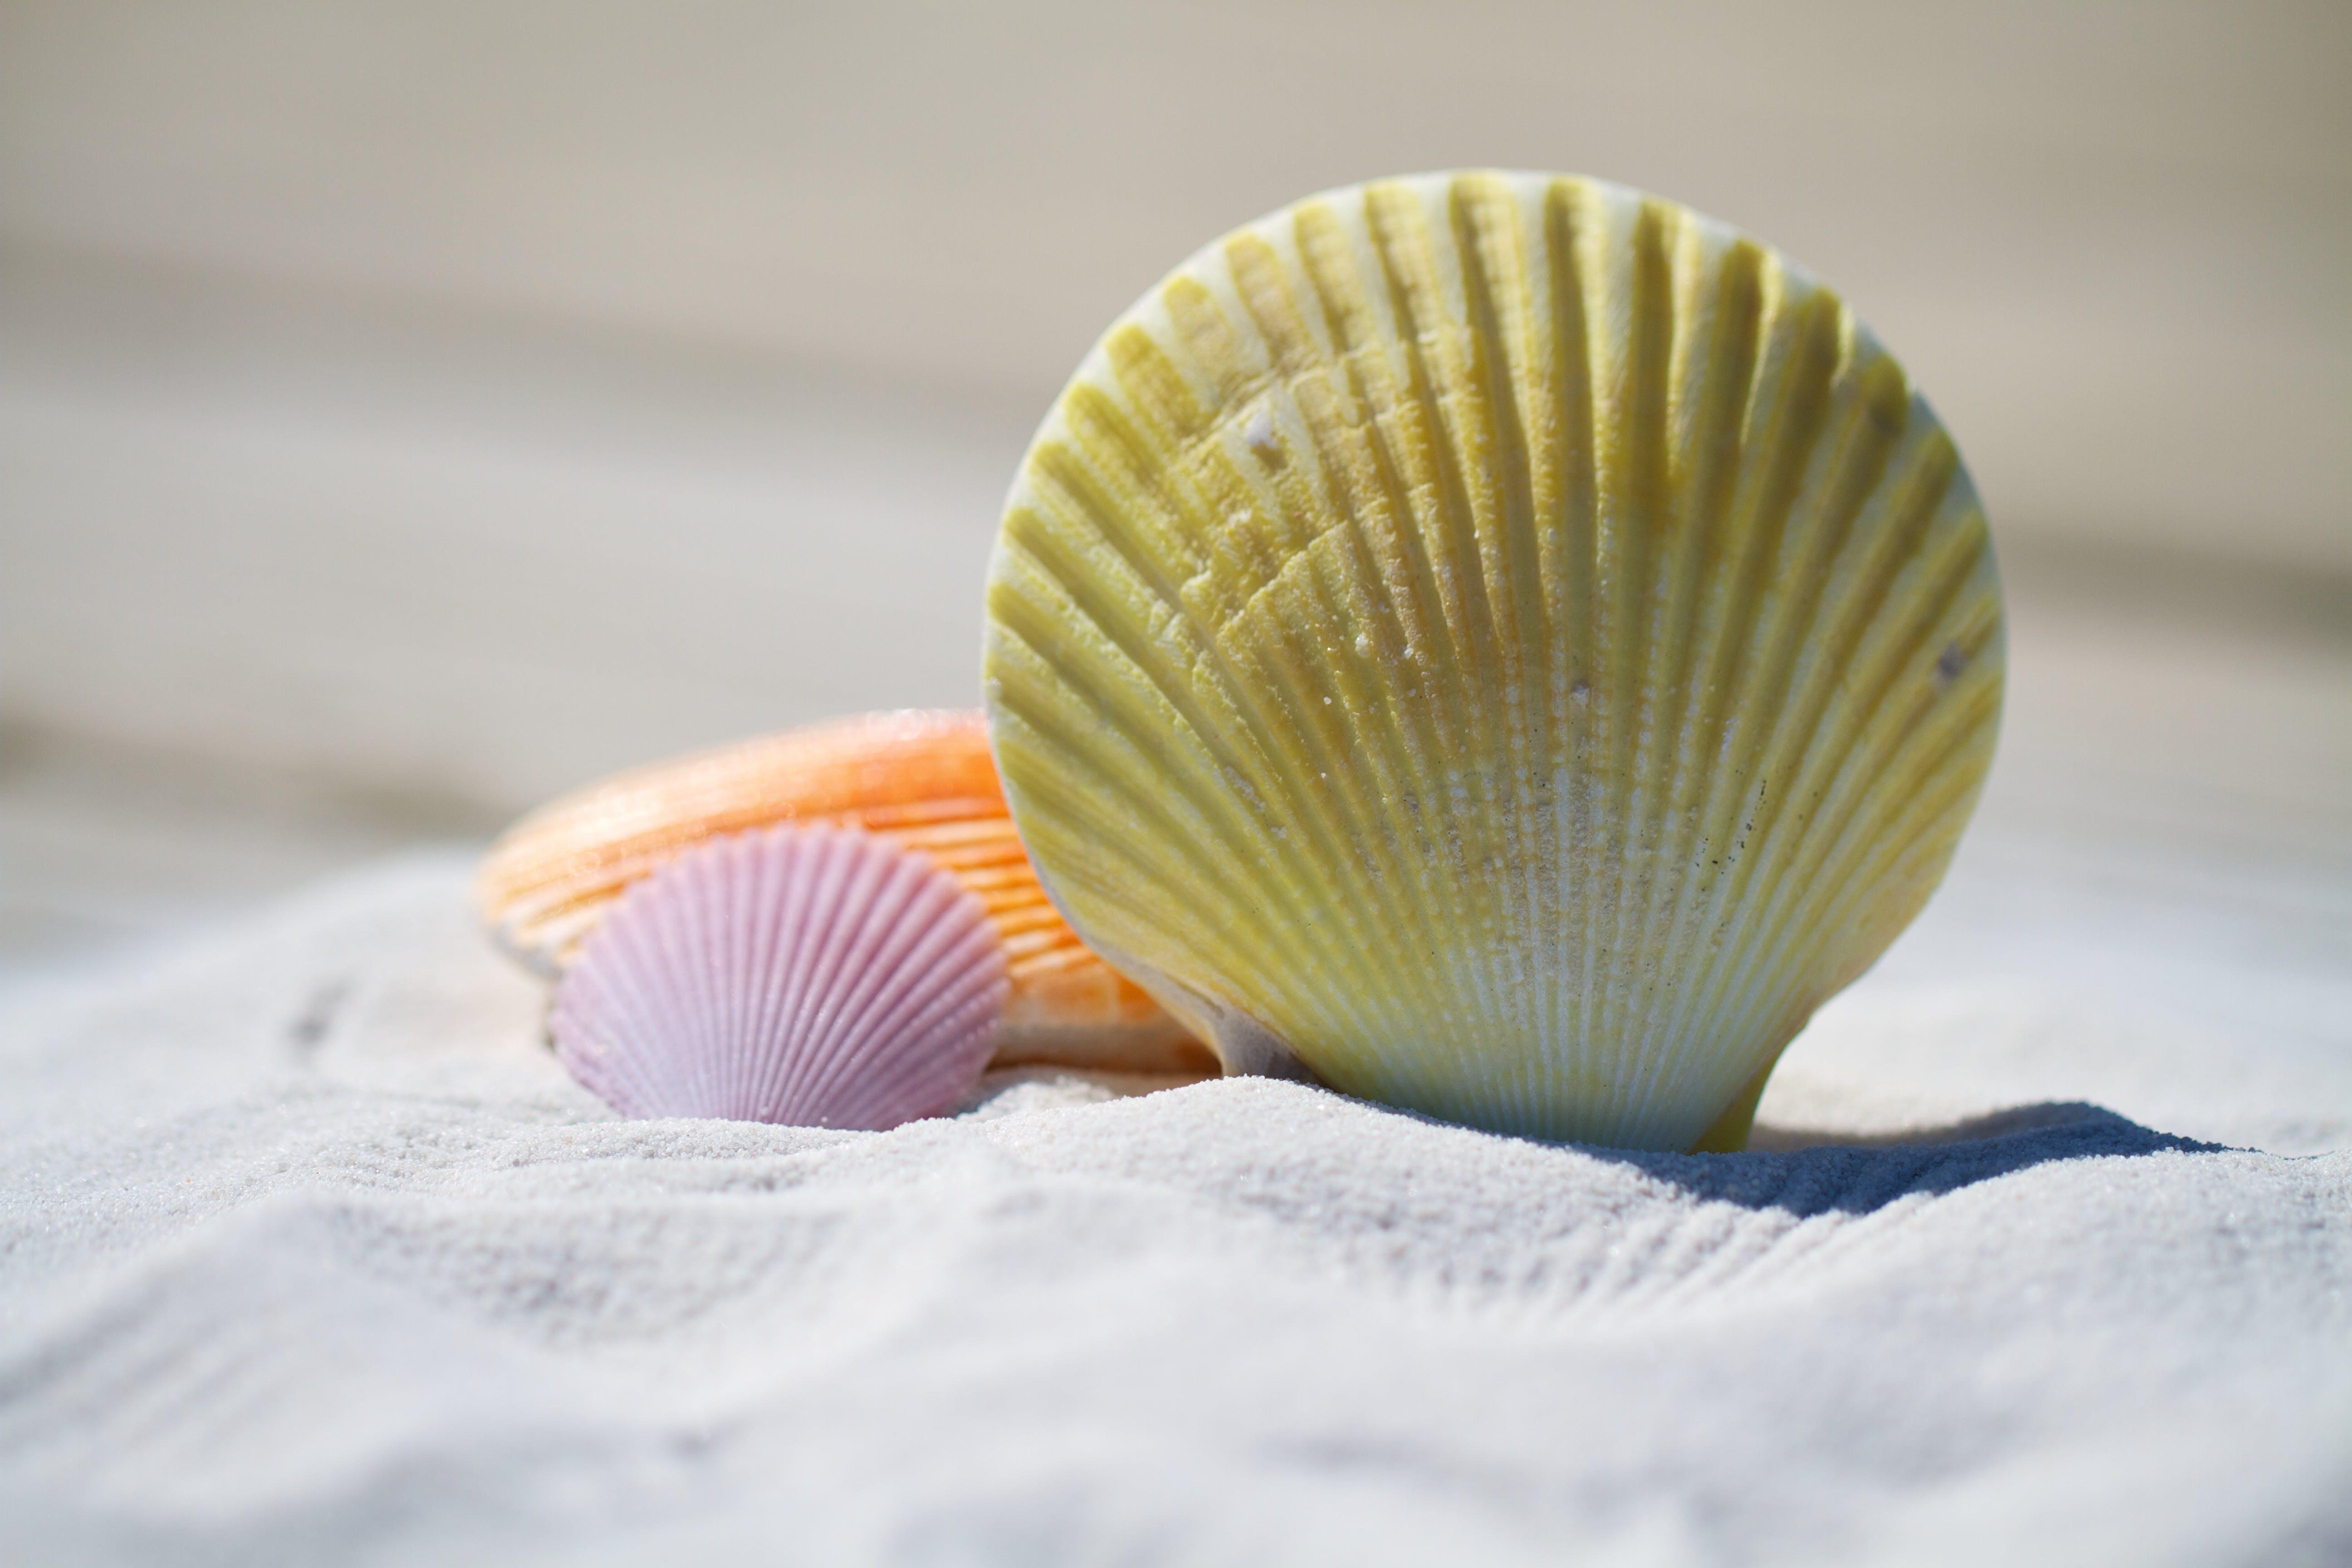 deniz kenarı, deniz kıyısı, doğa, HD duvar kağıdı içeren Ücretsiz stok fotoğraf